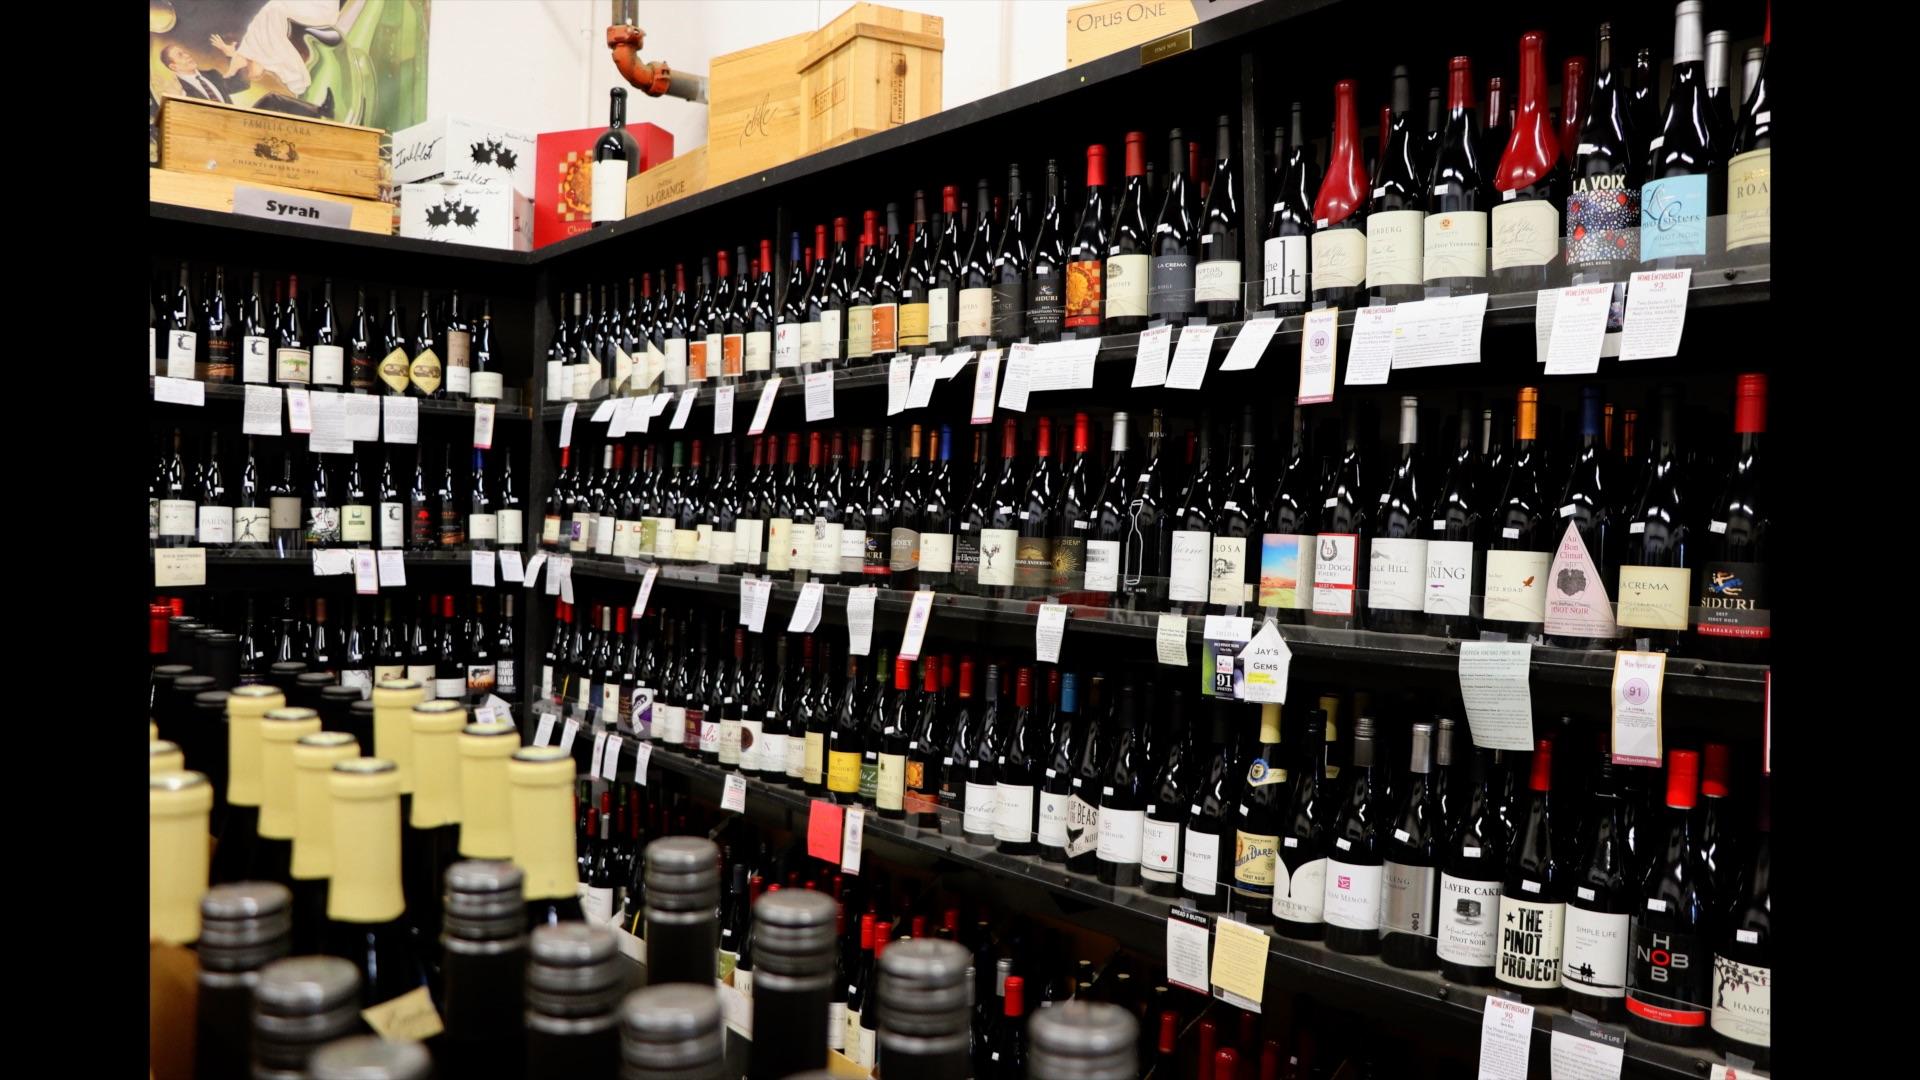 Carpinteria Wine Company